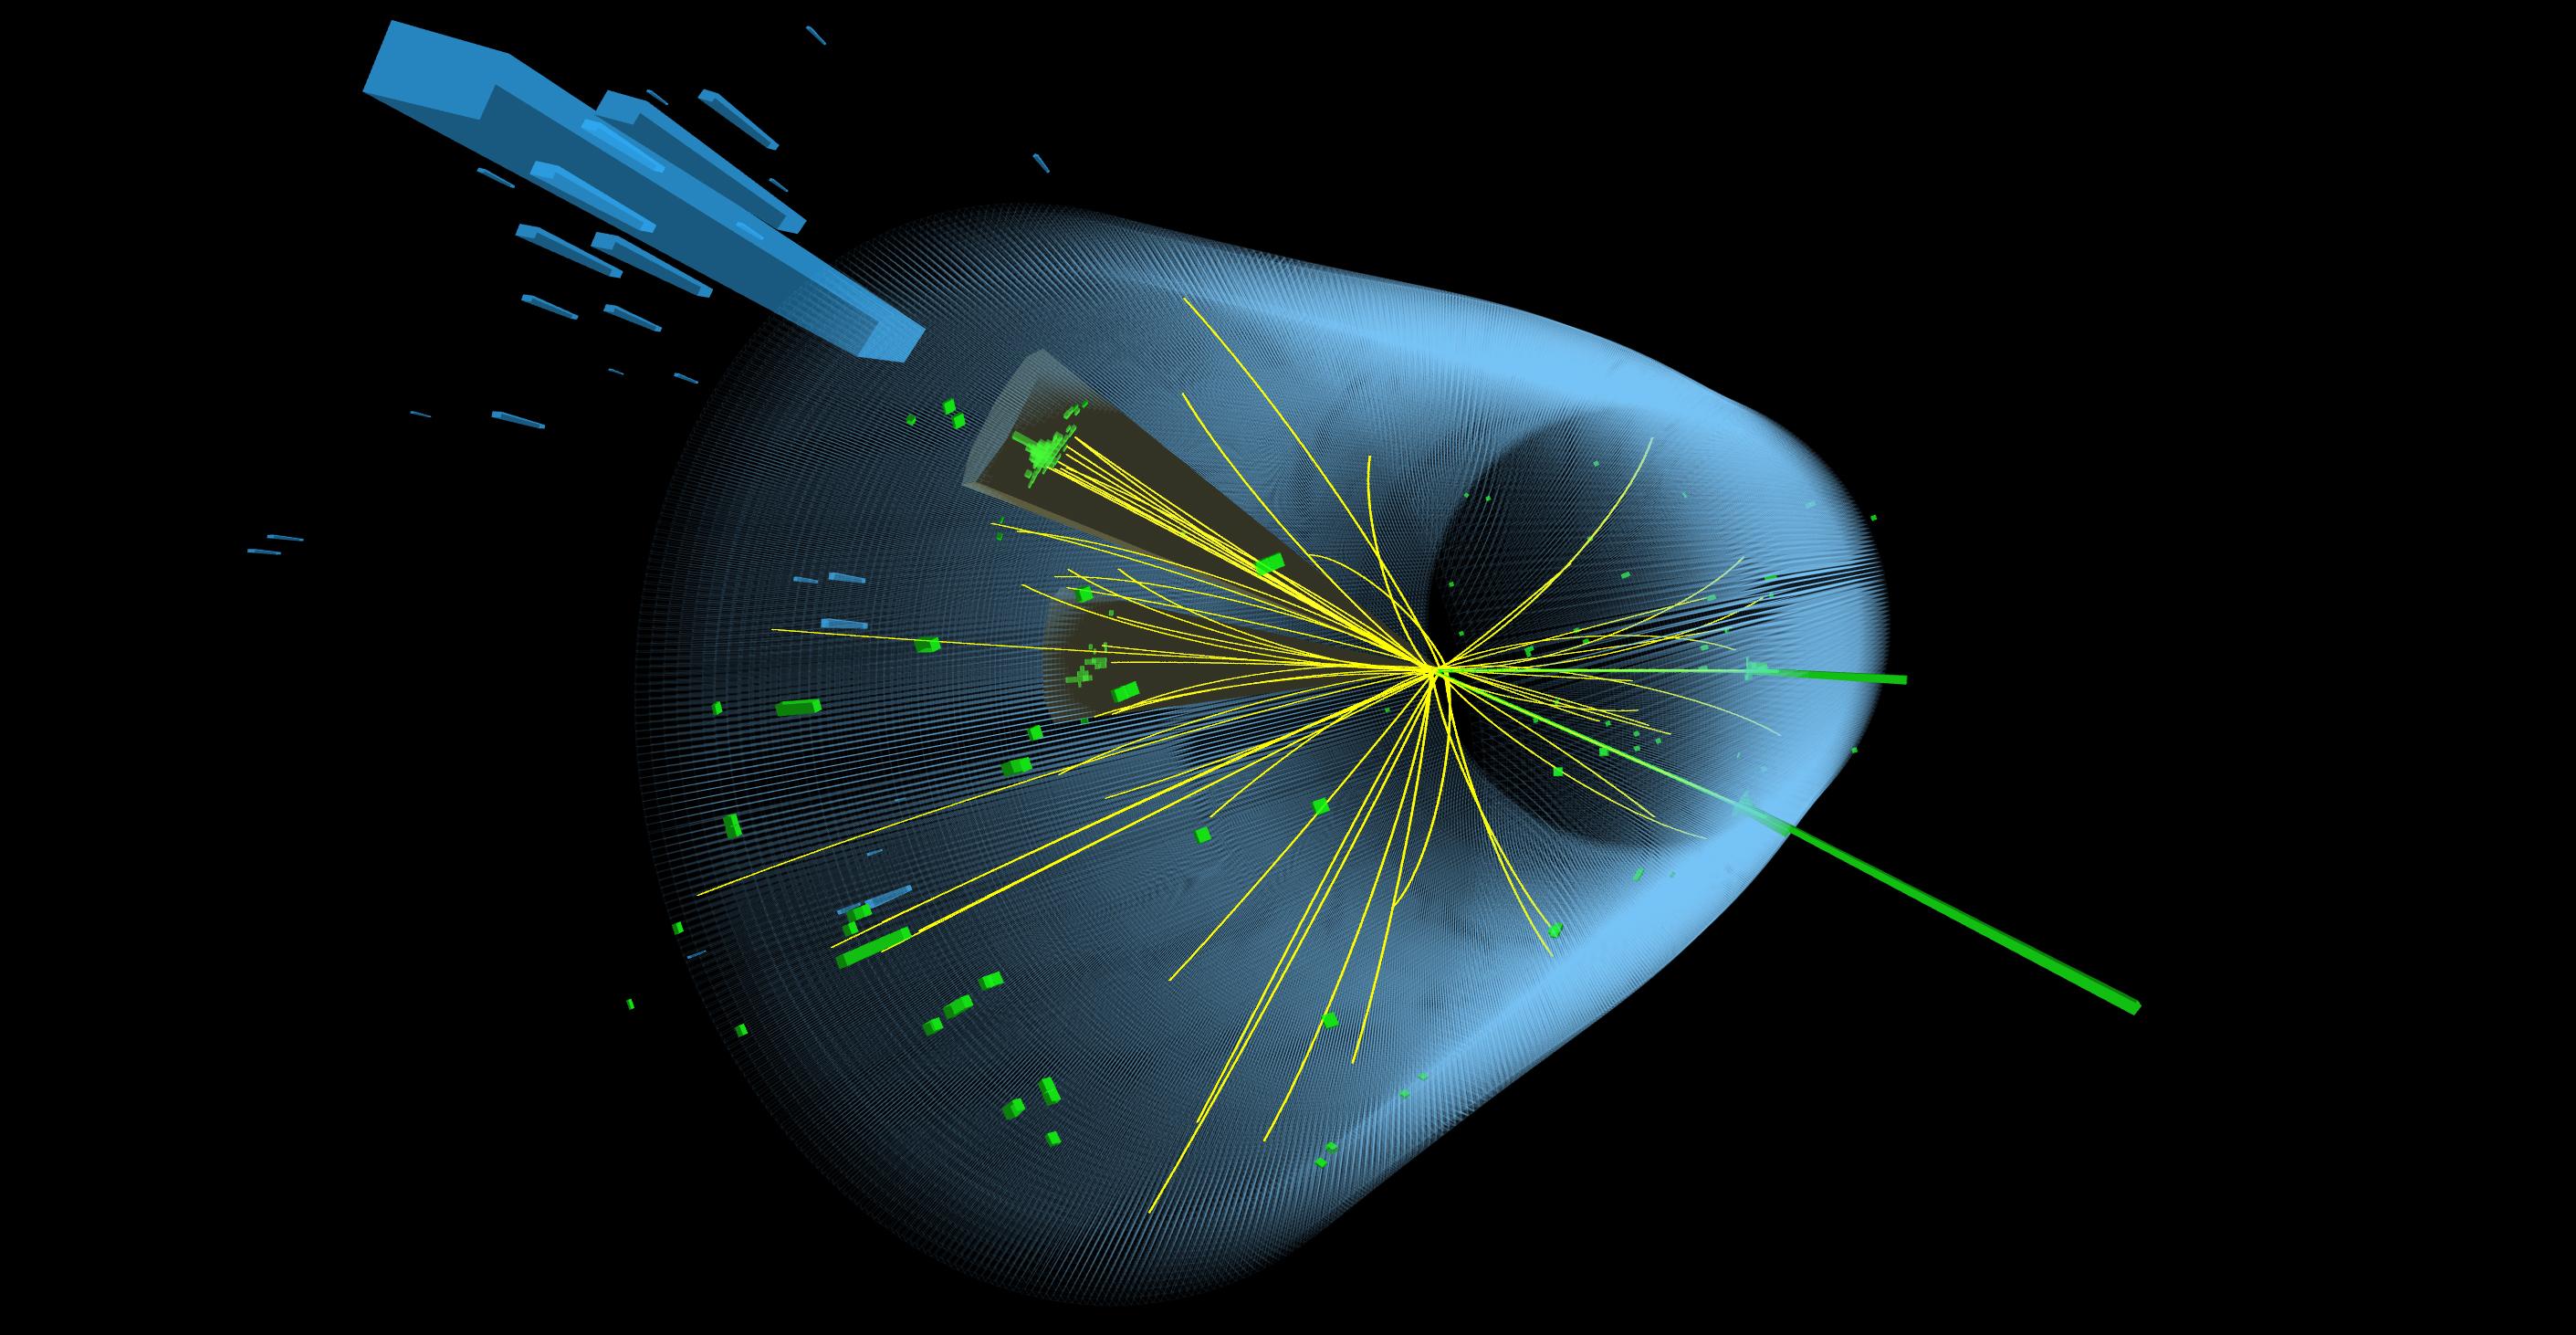 Z Boson Pdg The Physics Sti...